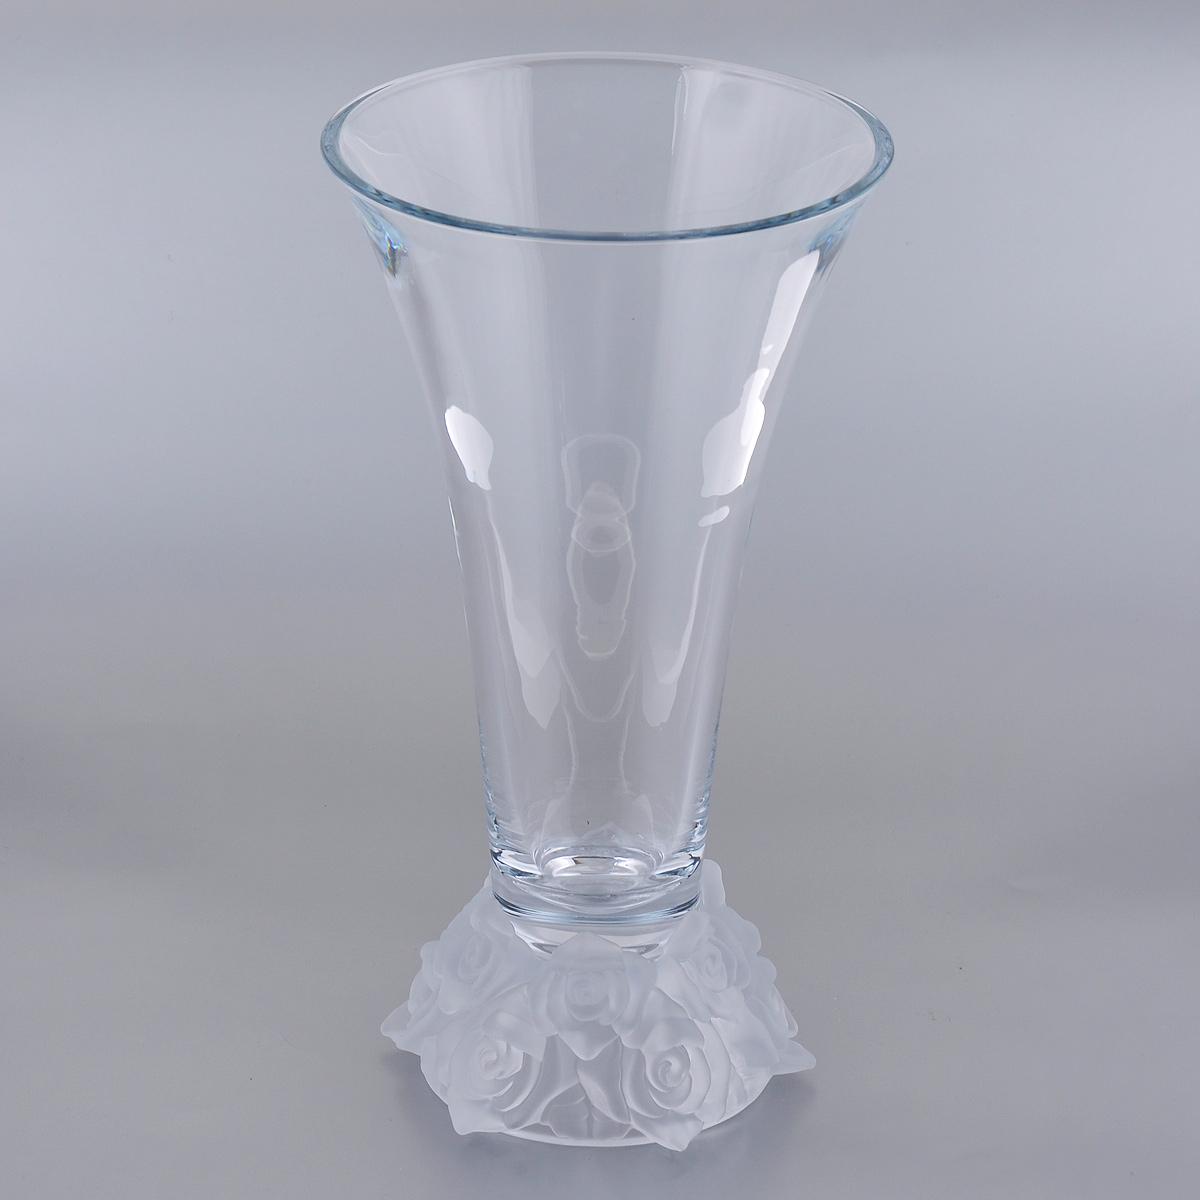 Ваза Crystalite Bohemia Роза, цвет: белый, высота 35,5 см86716Изящная ваза Crystalite Bohemia Роза изготовлена из прочного утолщенного стекла кристалайт. Она красиво переливается и излучает приятный блеск. Основание вазы декорировано рельефом в виде роз из матового стекла. Ваза Crystalite Bohemia Роза дополнит интерьер офиса или дома и станет желанным и стильным подарком.